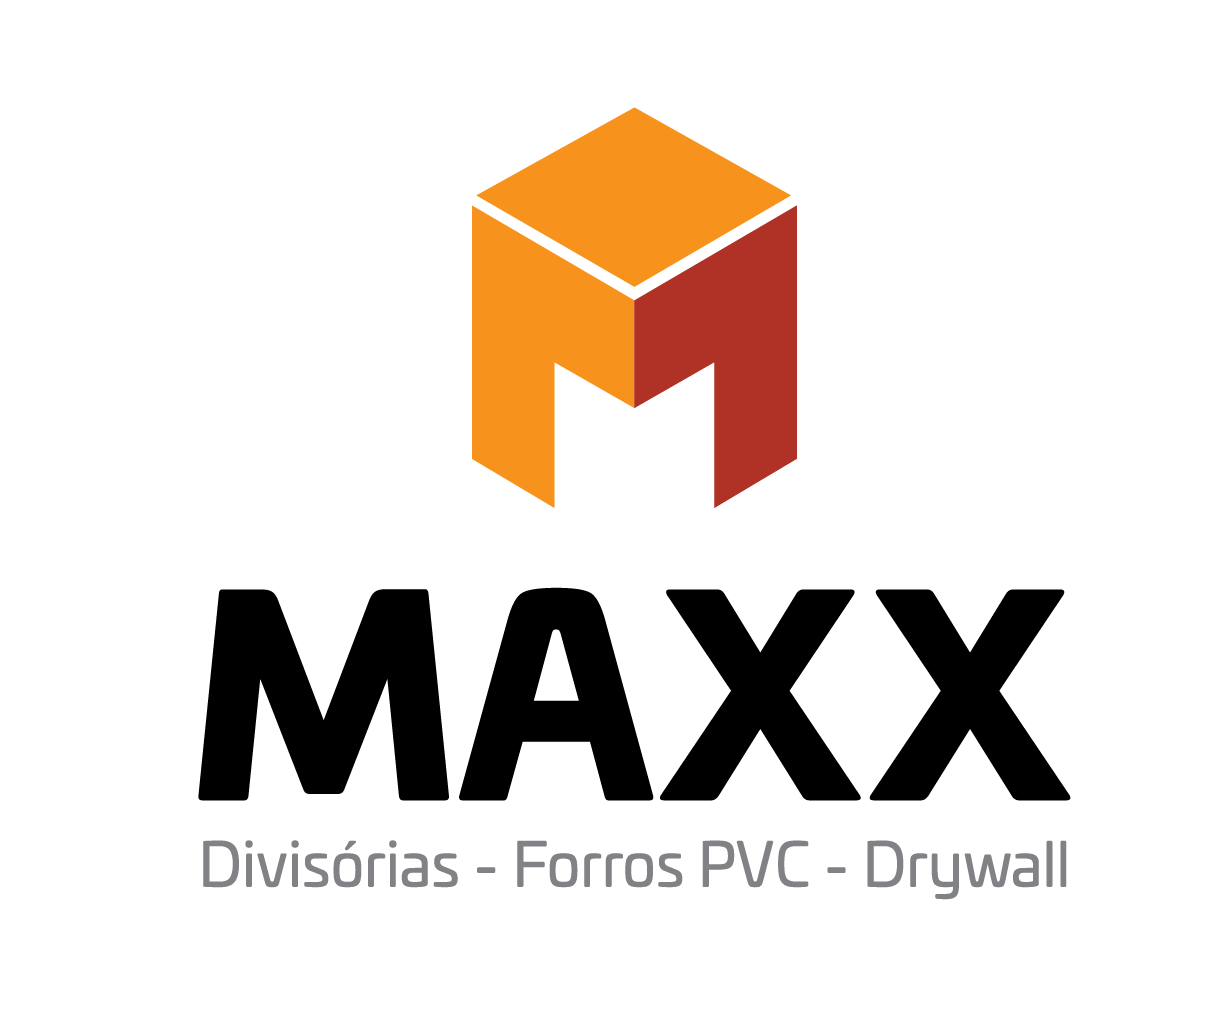 Forro Pvc Decorado para Teto Limão - Forro em Pvc Liso - Maxx Forro